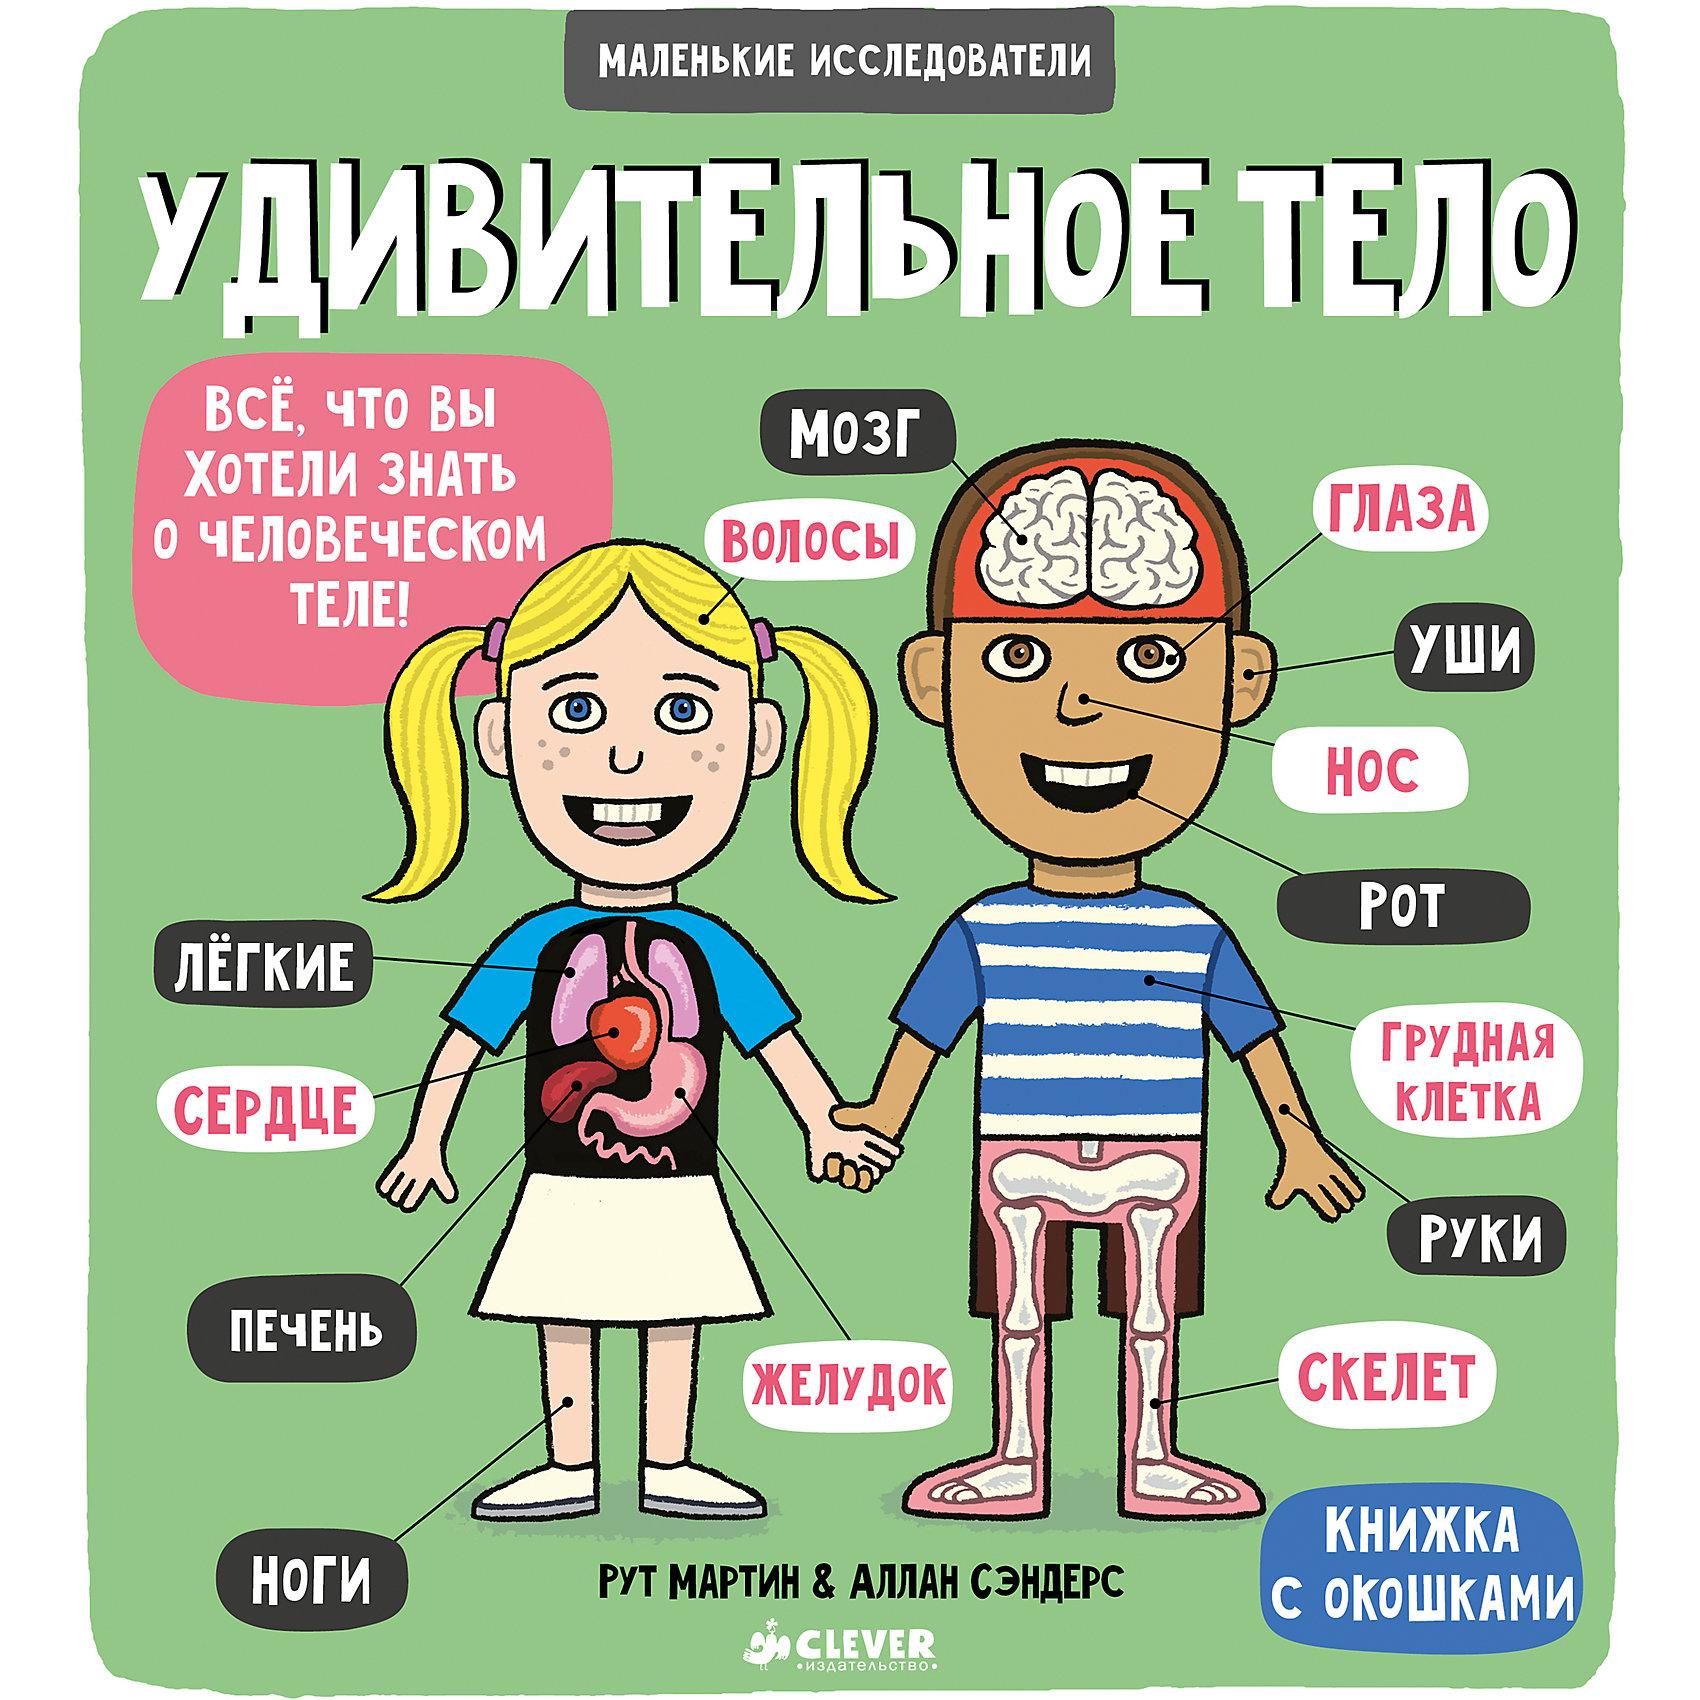 Книжка с клапанами Удивительное тело, Маленькие исследователиВнимание, маленькие исследователи! Хотите узнать о своем теле? Почему все разные, до какого возраста растут волосы, как устроен мозг - ответы на эти и многие другие вопросы вы найдете в этой удивительной книге! Твой мозг. Открой, как устроен мозг и как связаны с ним органы чувств. Пищеварение. Узнай, как пища превращается в энергию, необходимую для жизни. Мое тело. Следуй советам, как сохранить свое тело здоровым как можно дольше.<br><br>Ширина мм: 220<br>Глубина мм: 200<br>Высота мм: 80<br>Вес г: 195<br>Возраст от месяцев: 48<br>Возраст до месяцев: 72<br>Пол: Унисекс<br>Возраст: Детский<br>SKU: 5377788